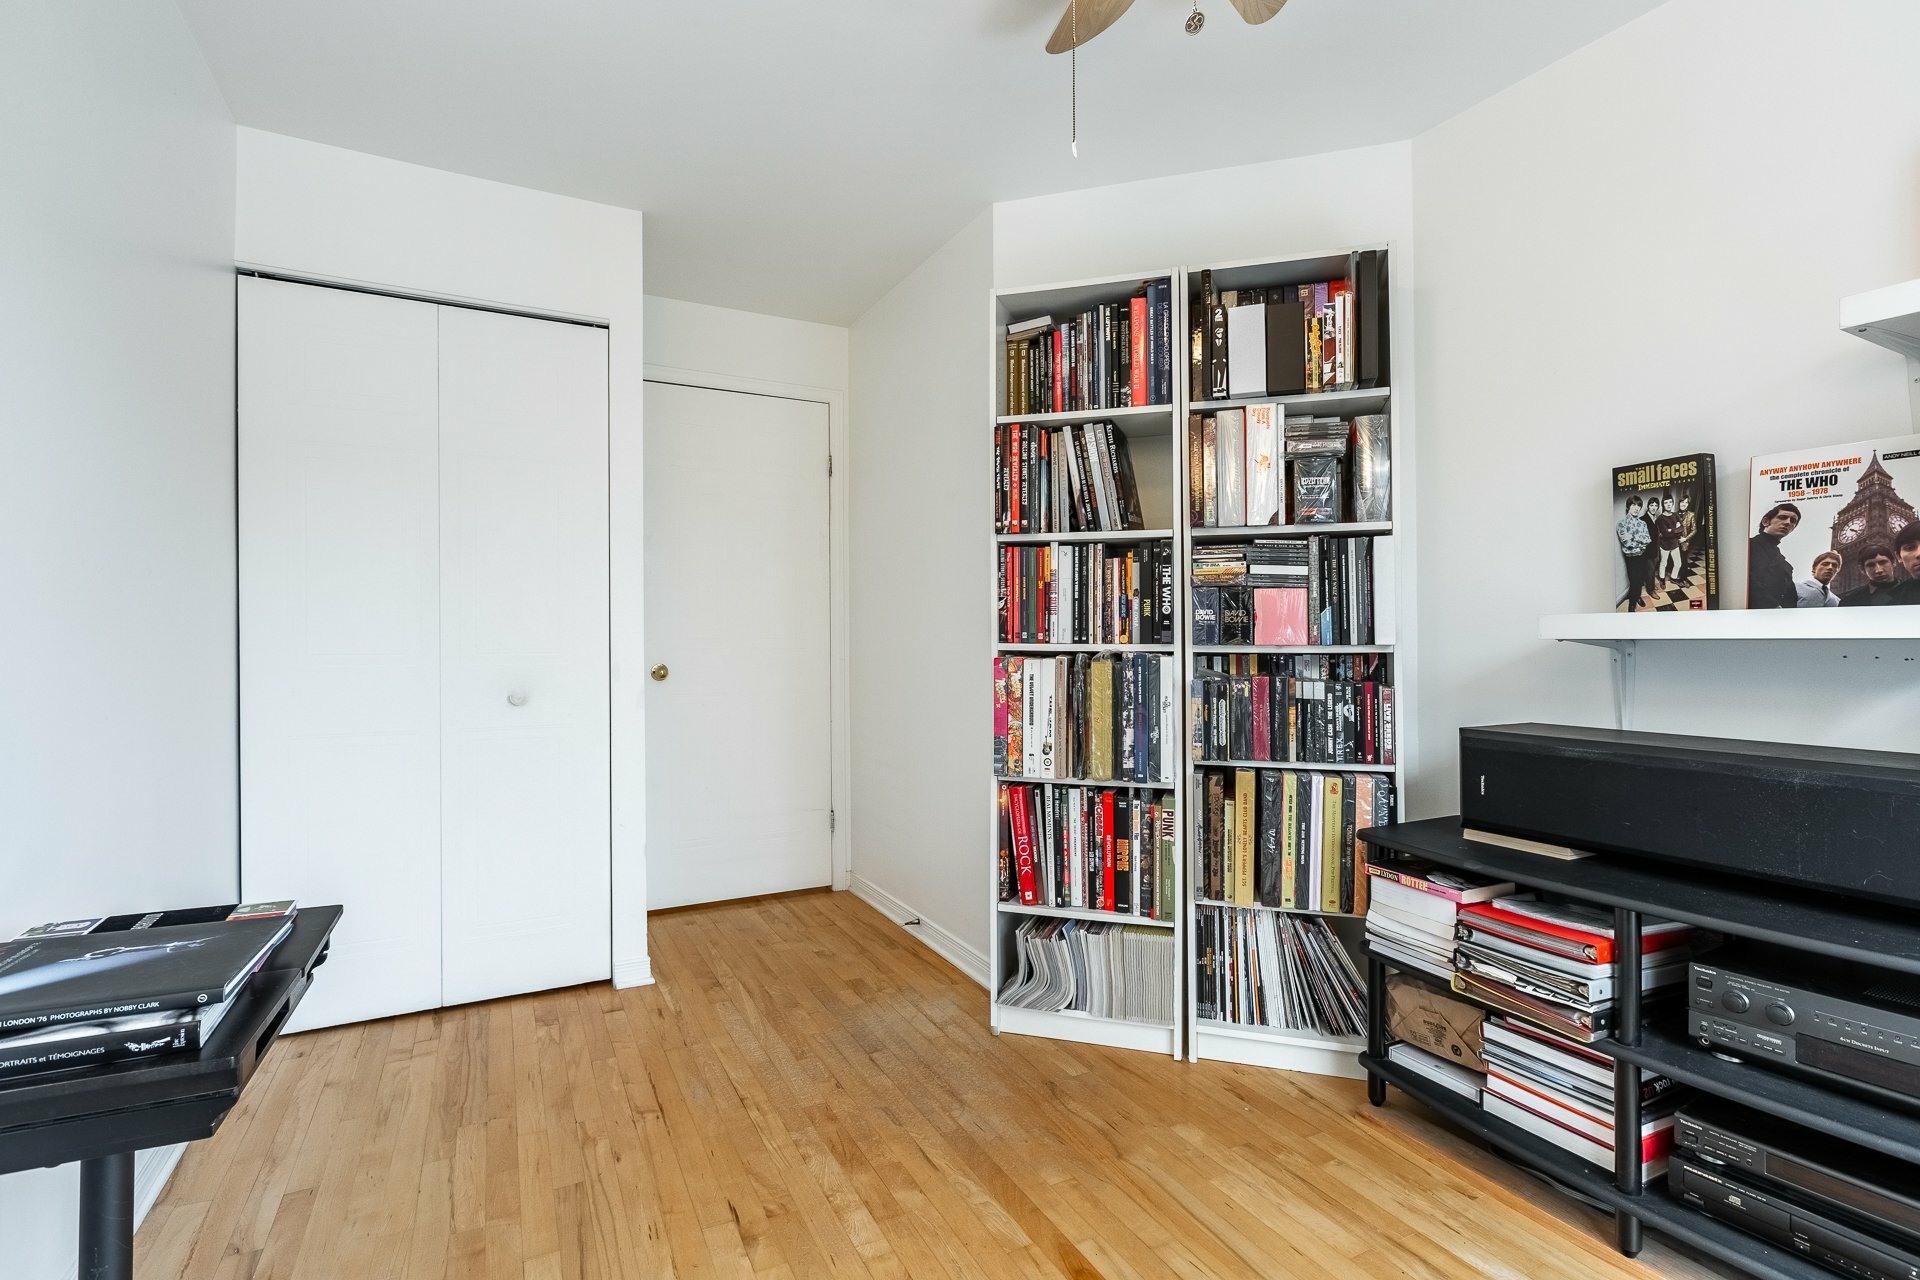 image 13 - Appartement À vendre Montréal Le Plateau-Mont-Royal  - 6 pièces